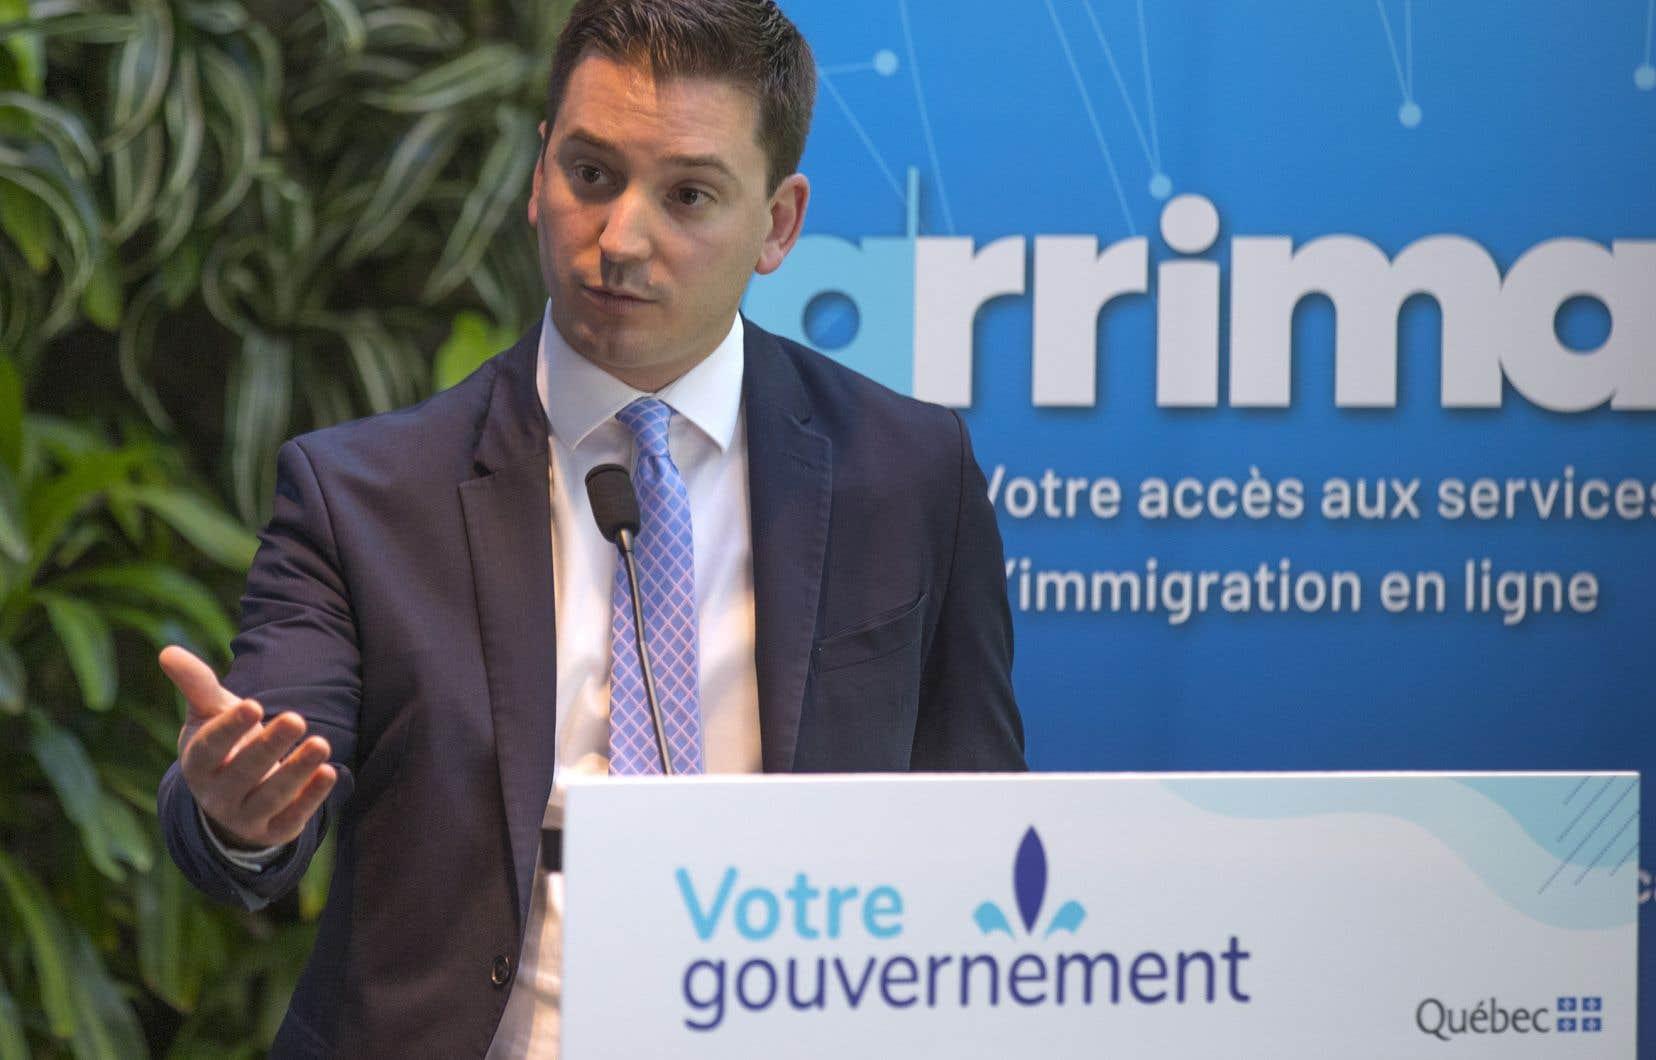 «Vous avez été patients. [...]La grande réforme de l'immigration est déjà en marche. C'est un nouveau départ», a lancé le ministre Simon Jolin-Barrette à des représentants du monde des affaires et de l'immigration réunis jeudi à Montréal.